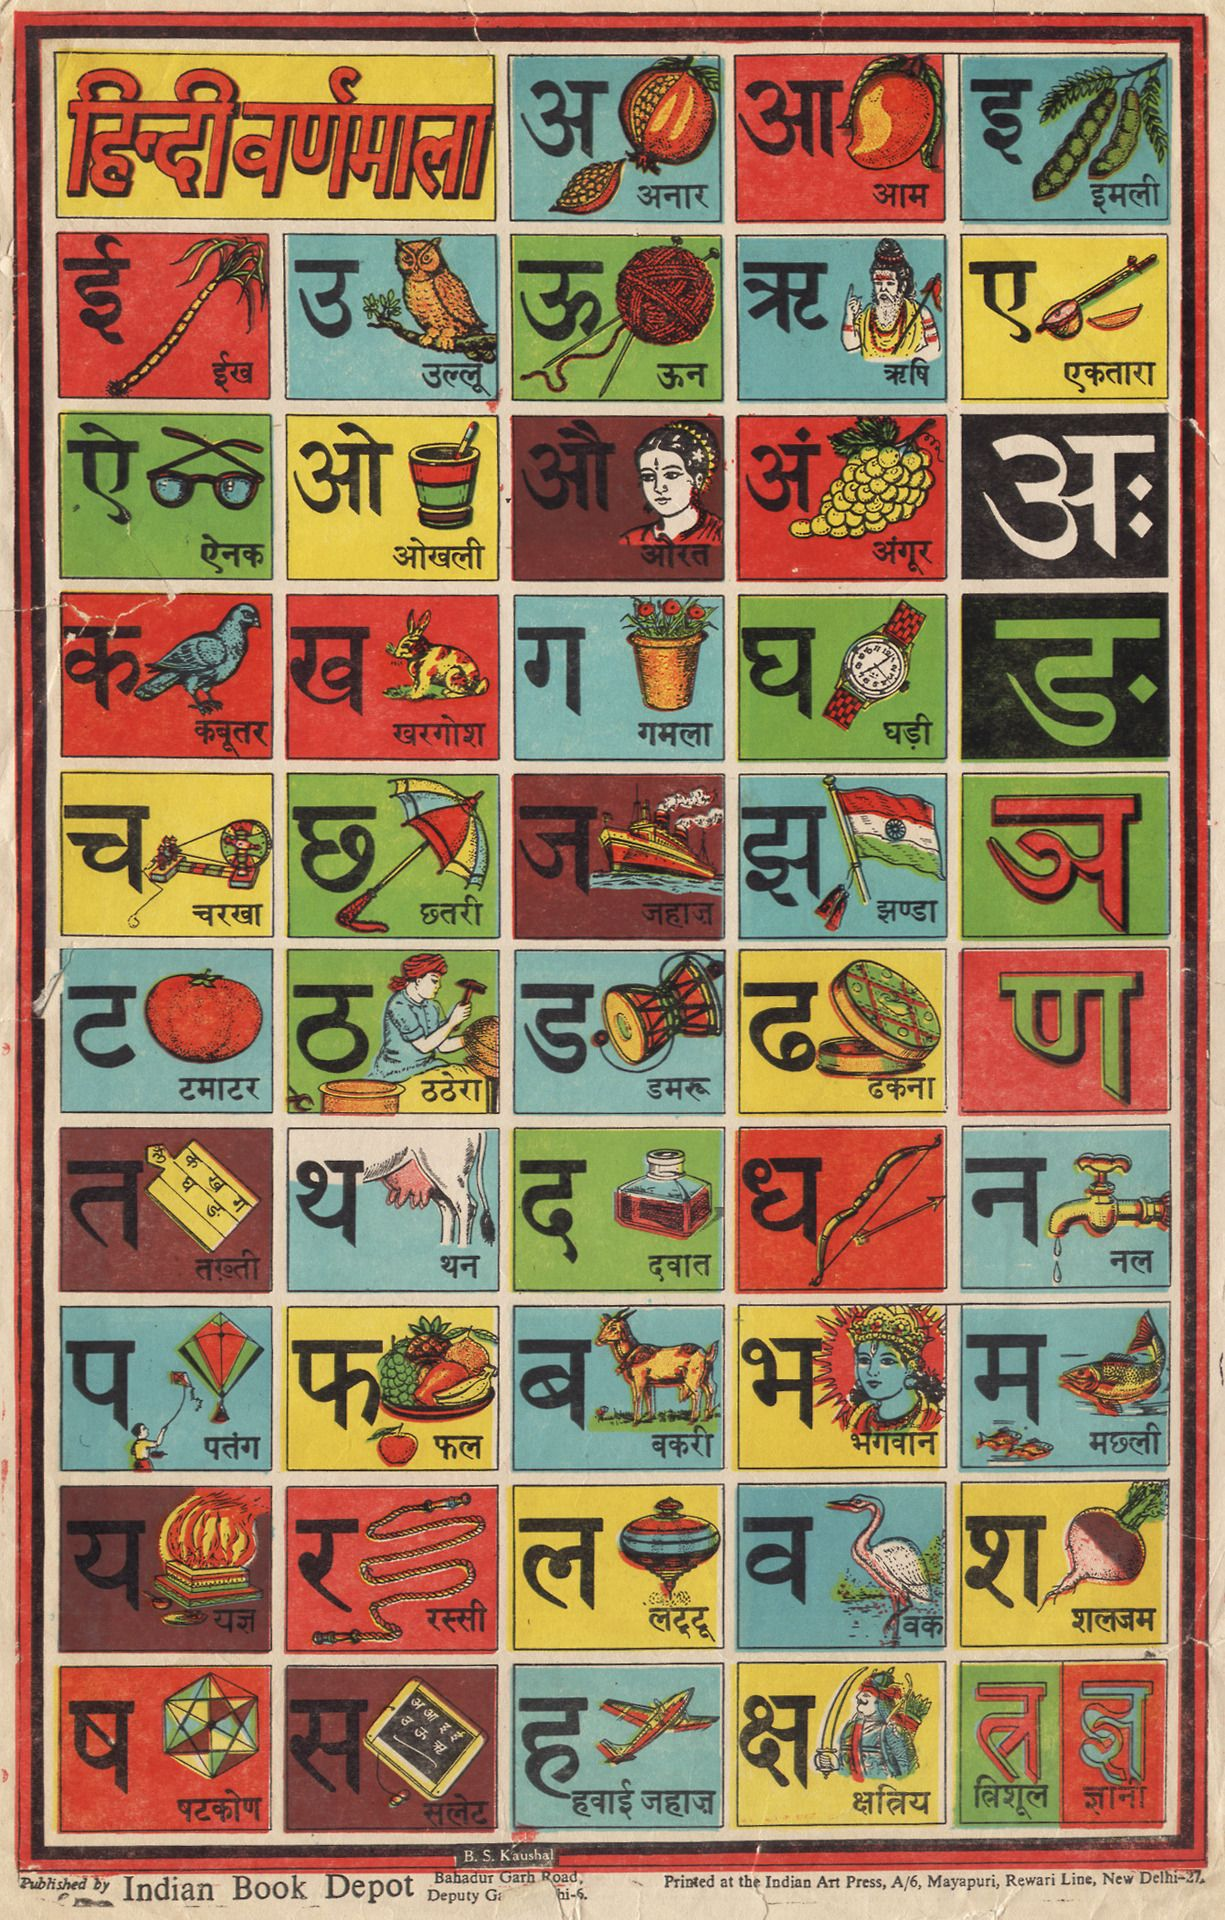 Indian Book Depot Wallchart